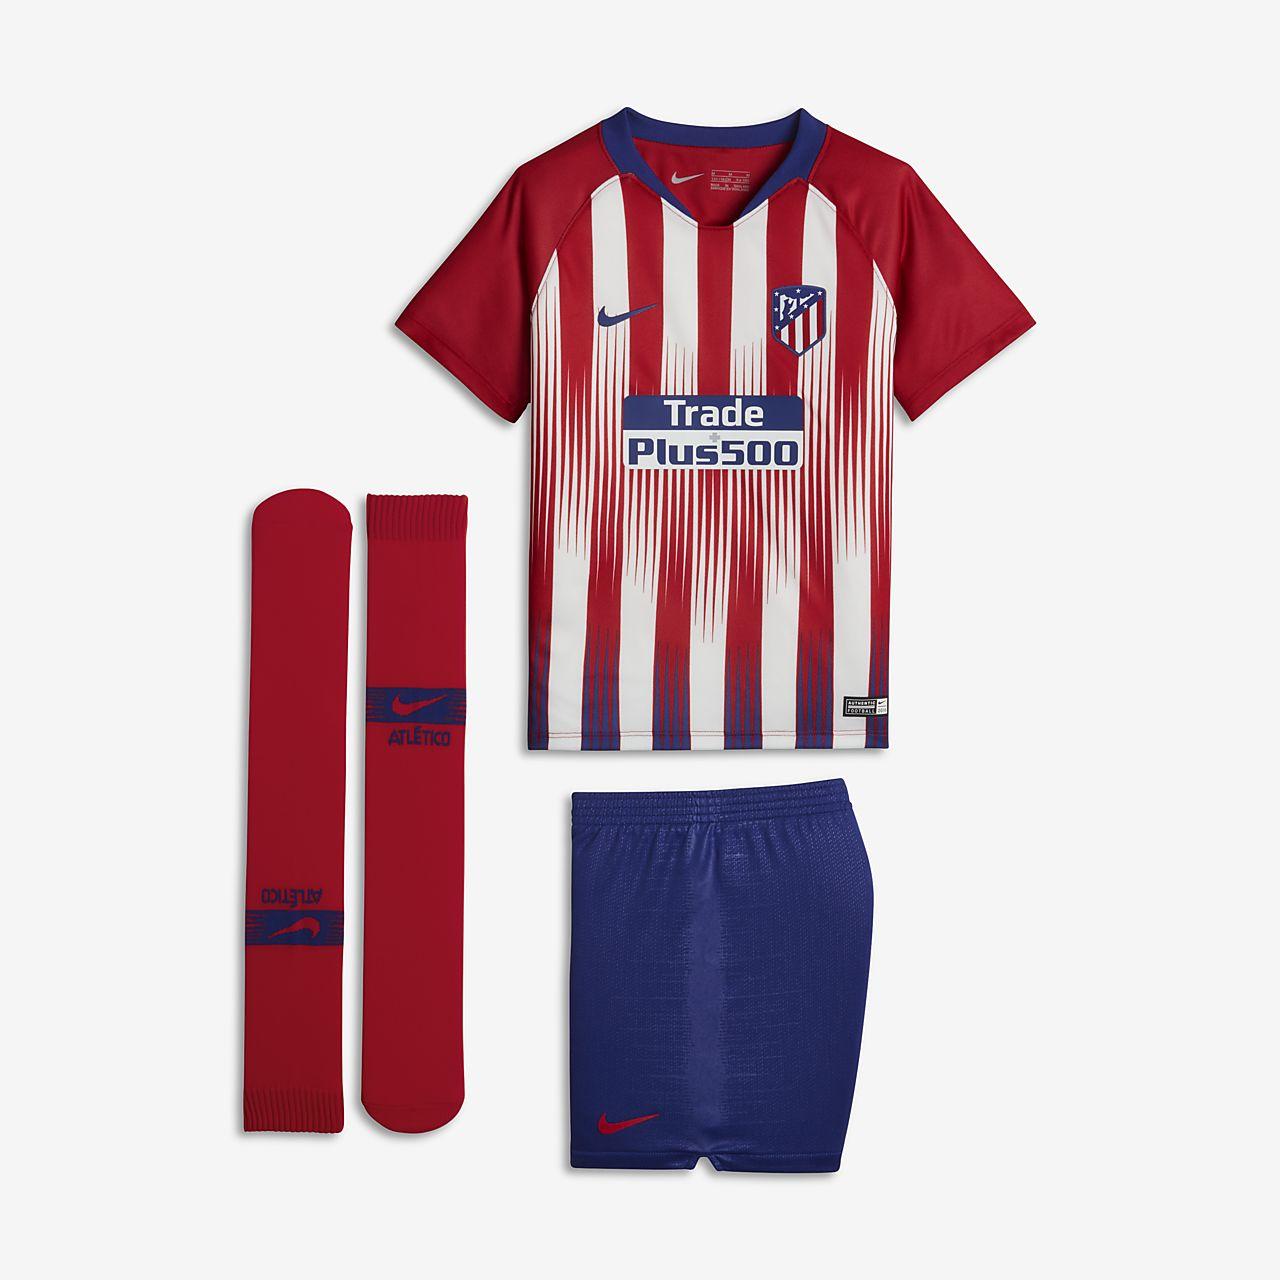 7b89b4101abab ... 2018 19 Atlético de Madrid Stadium Home Equipación de fútbol - Niño a  pequeño